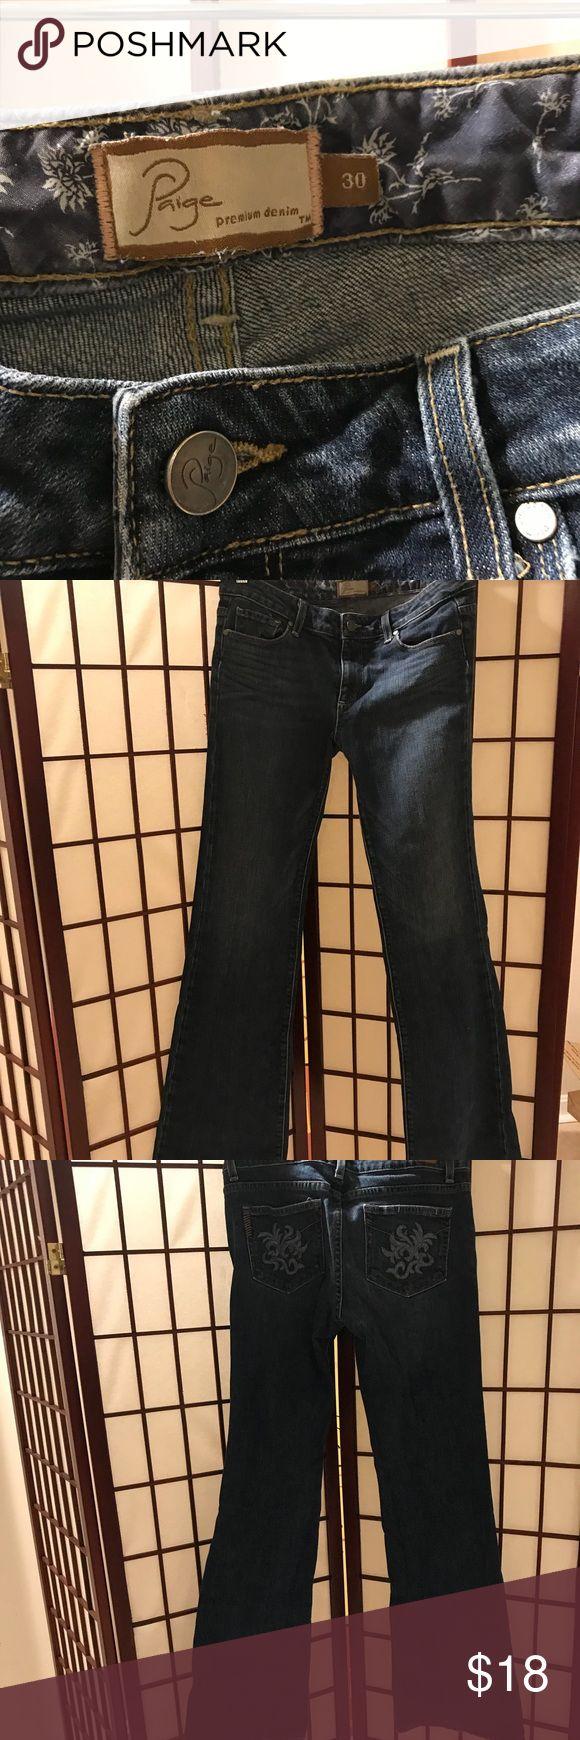 """Paige Premium Denim - Hollywood Hills - Size 30 Paige Premium Denim - Hollywood Hills - Size 30, inseam 32"""" - EUC Paige Jeans Jeans Boot Cut"""